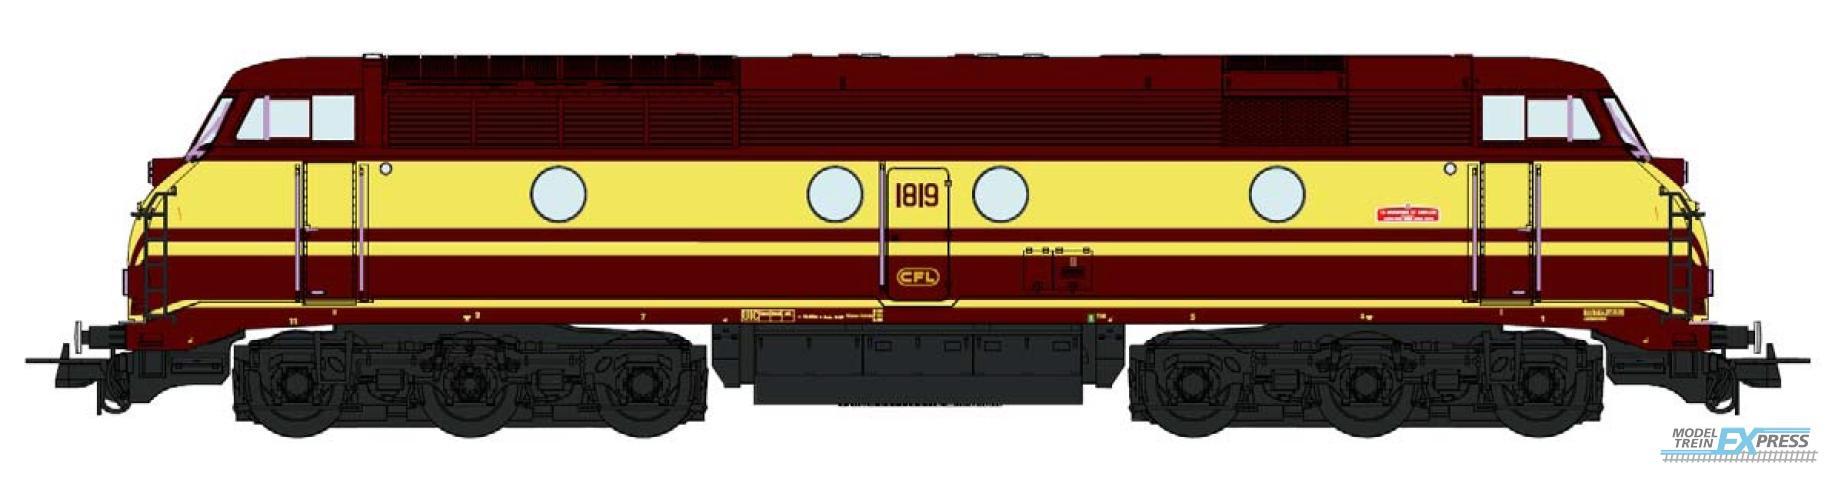 B-Models 21.209